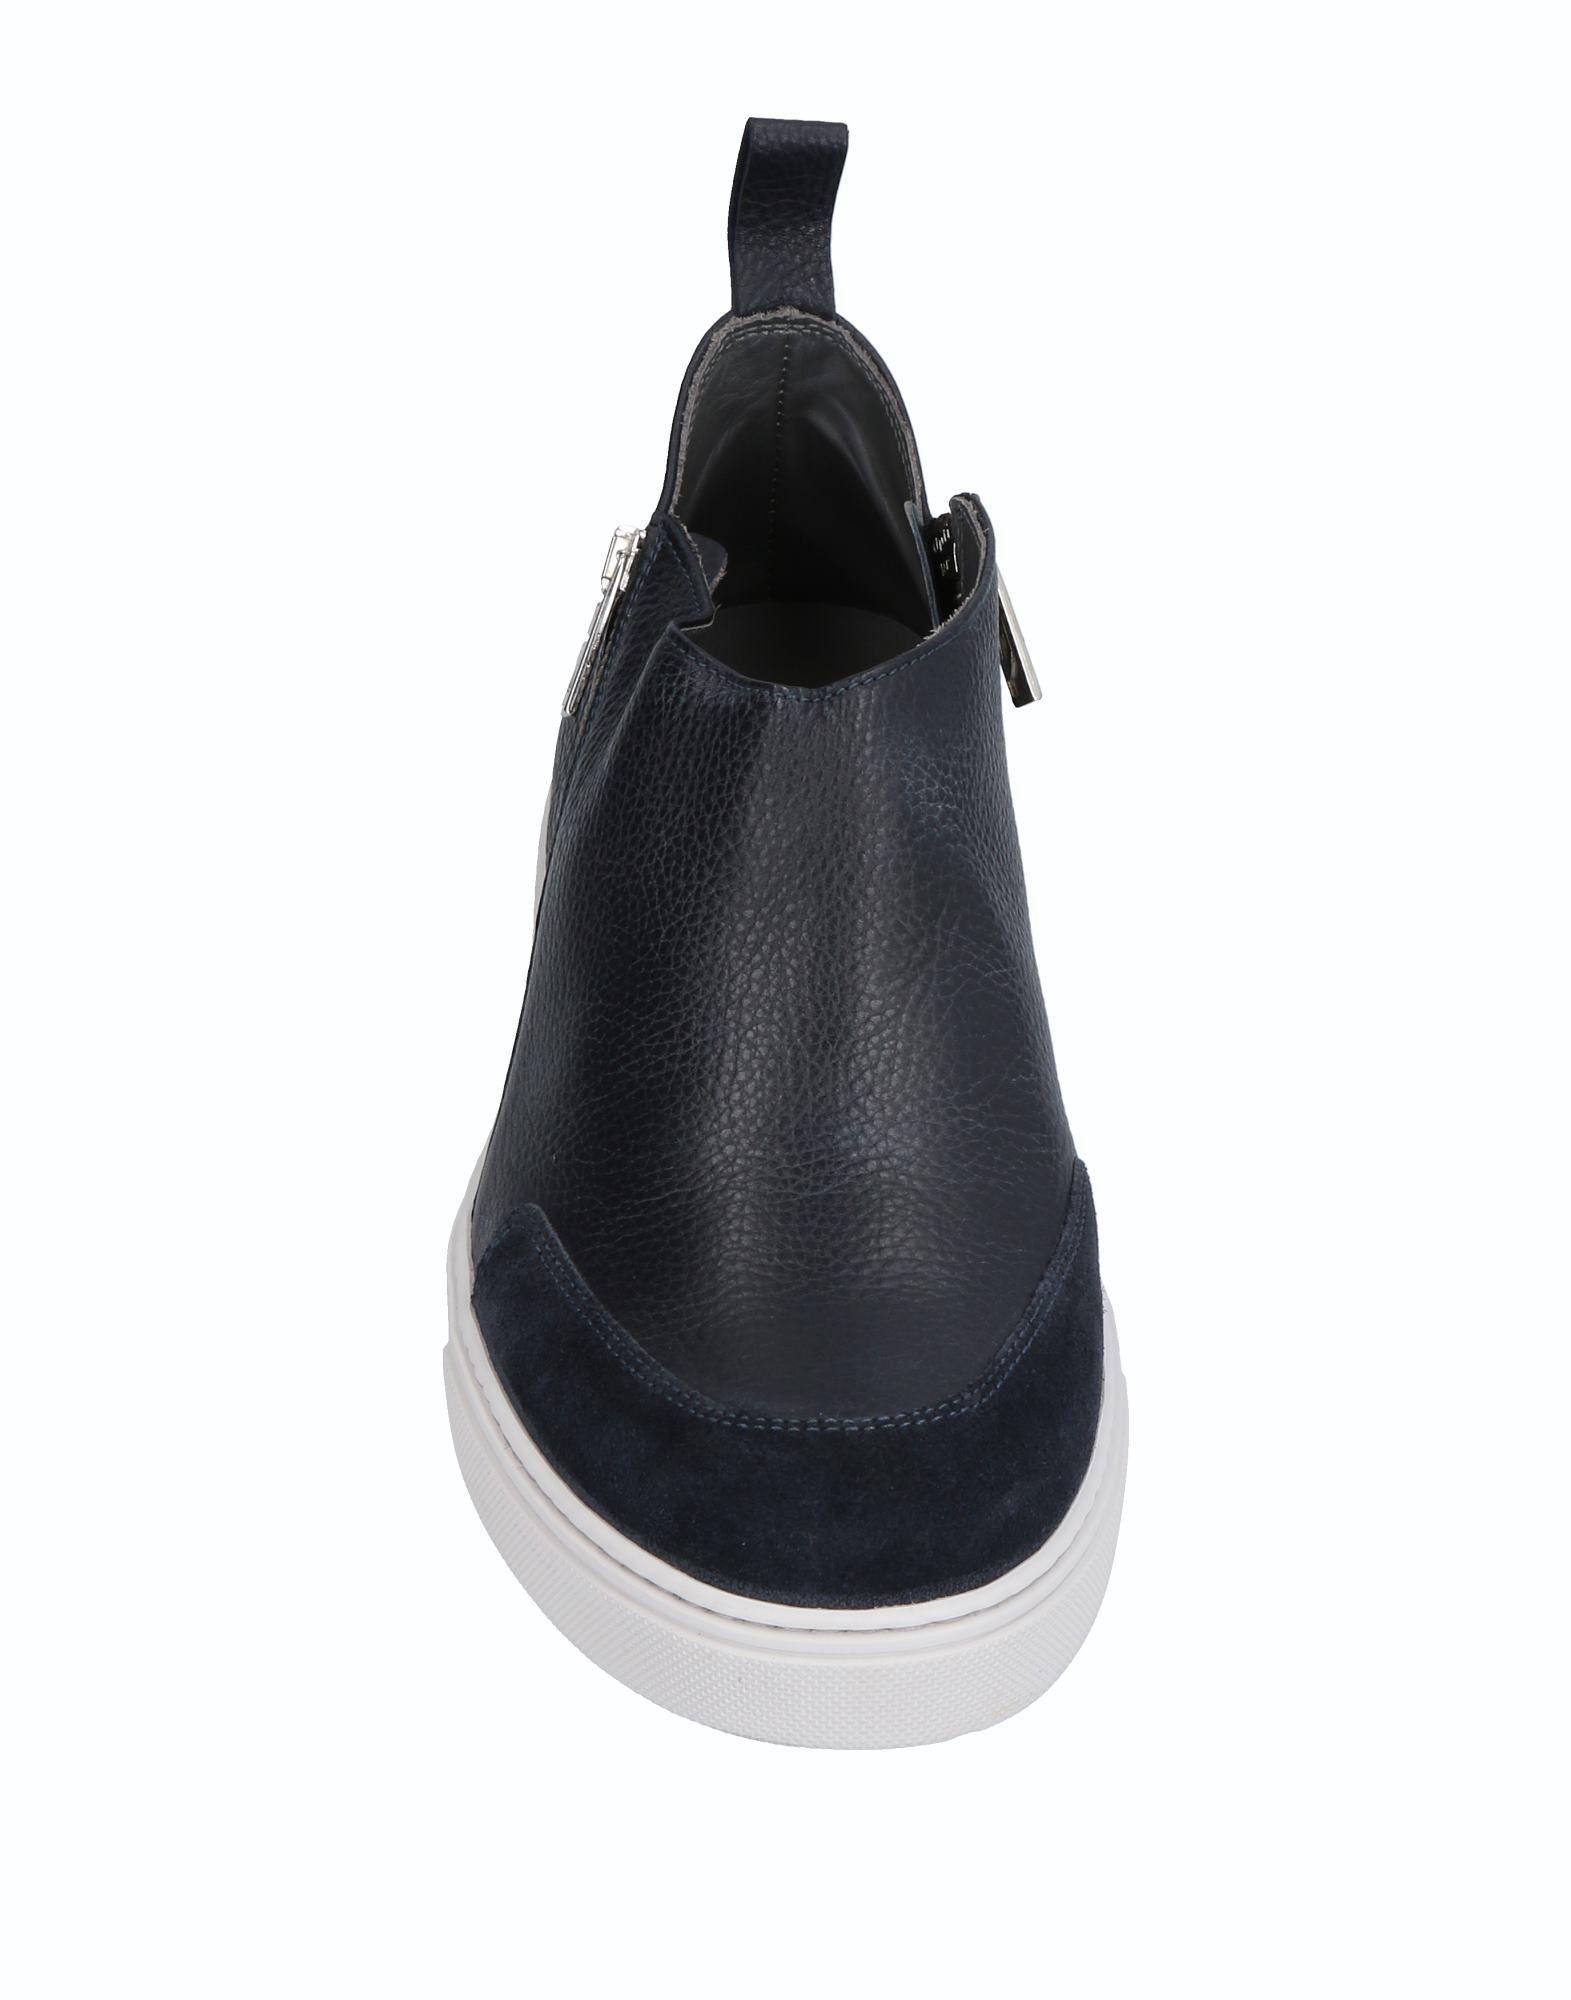 Rabatt echte Schuhe Herren Alberto Guardiani Sneakers Herren Schuhe  11331749XI 6fd8cc